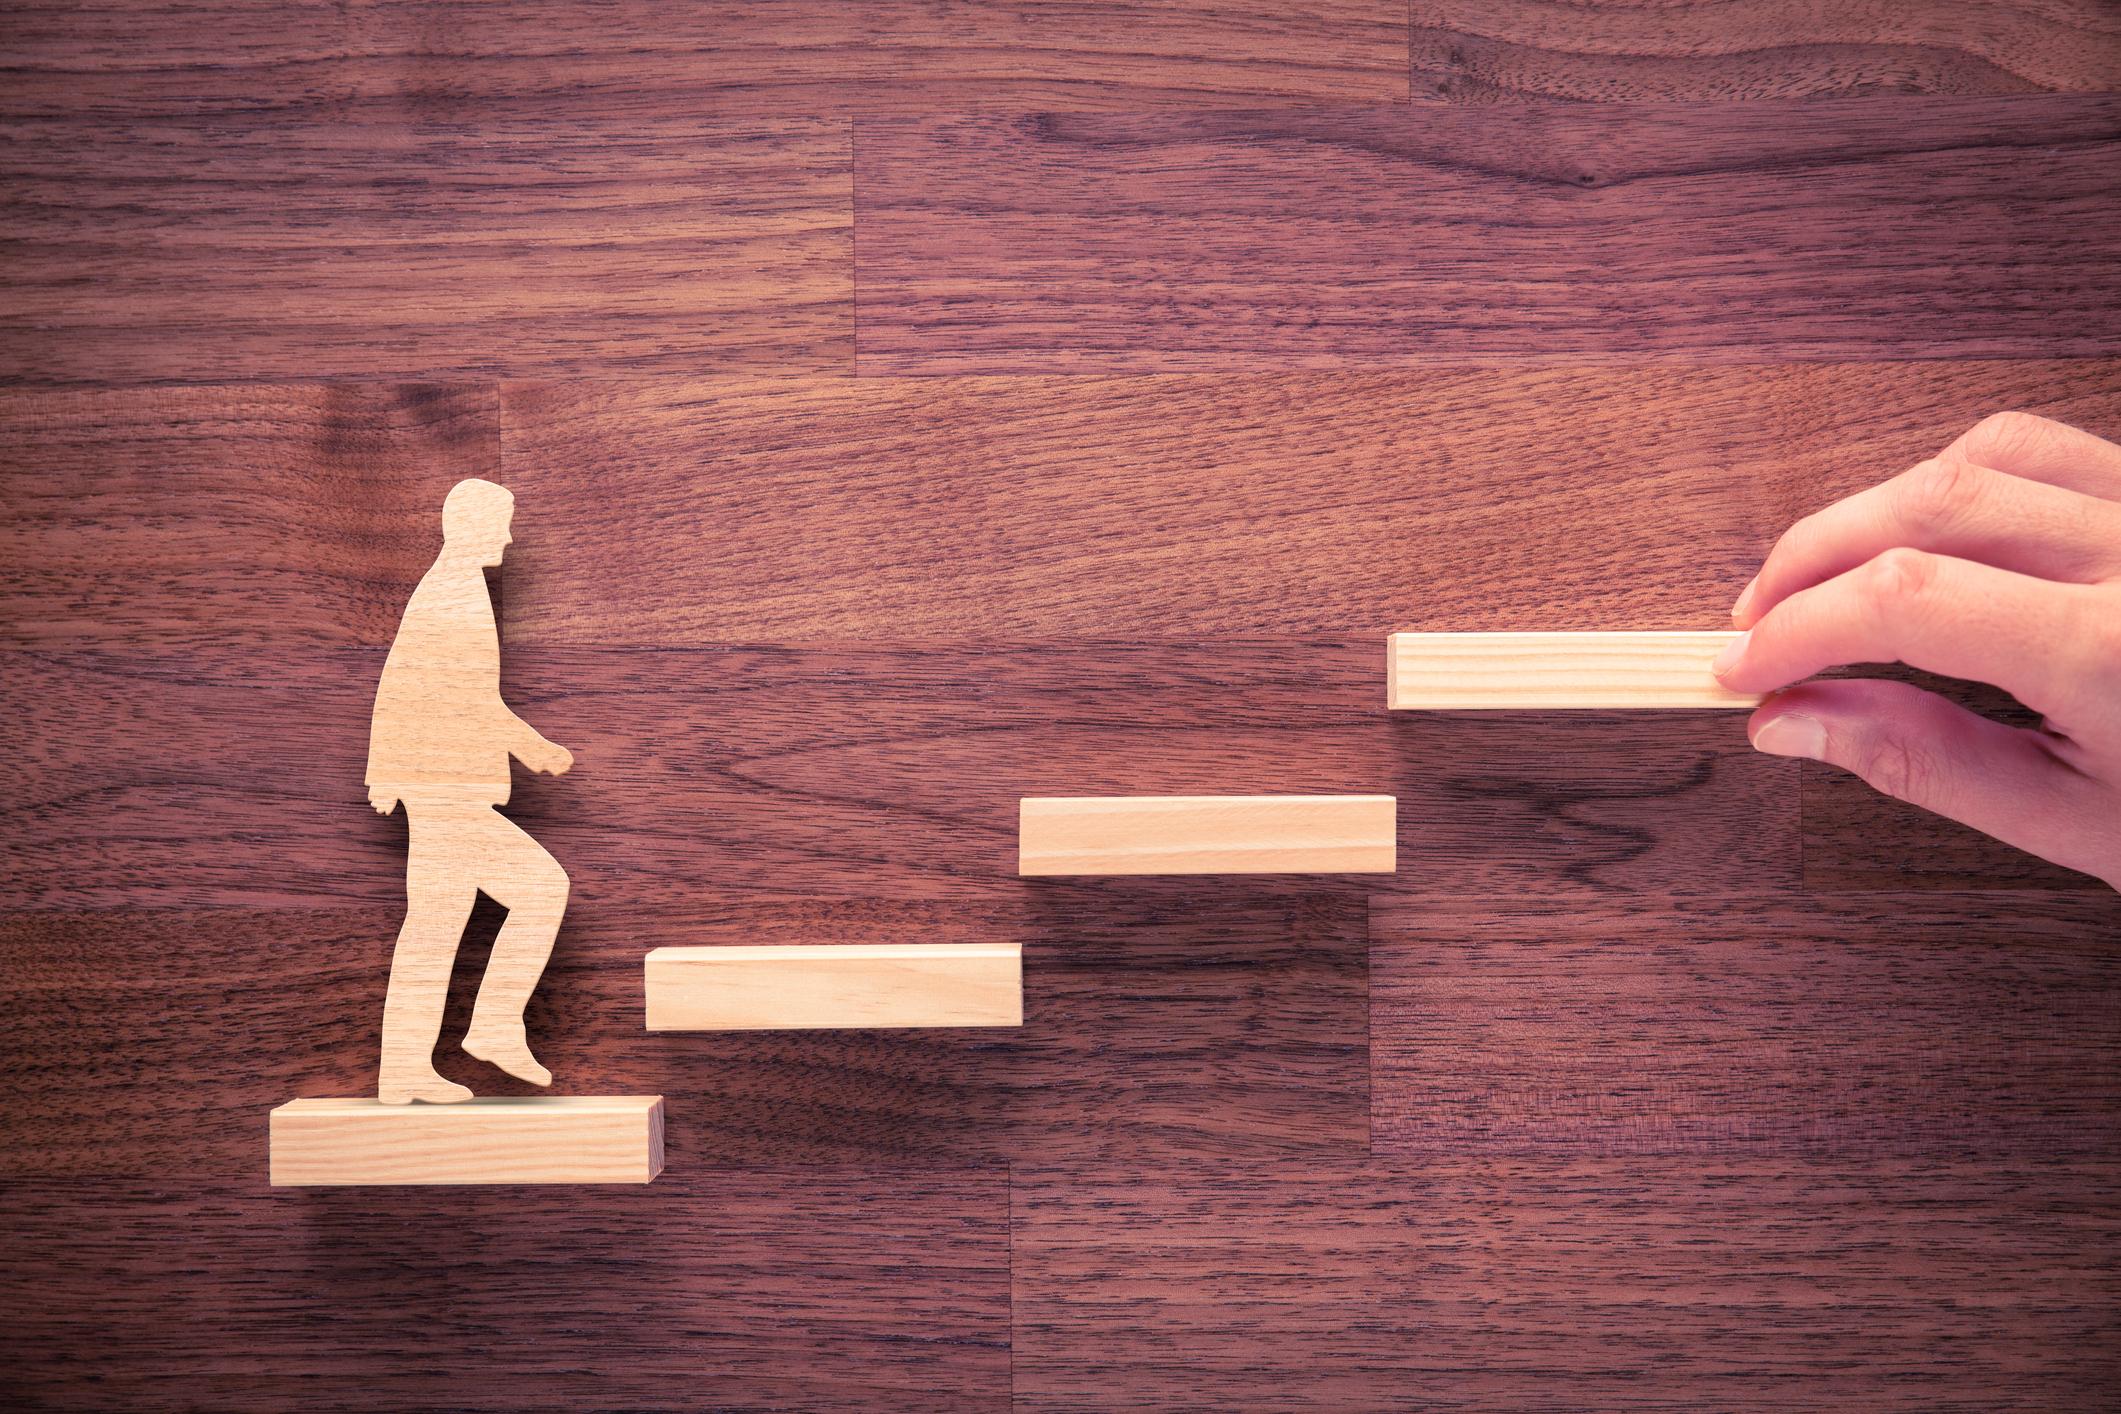 A wooden man walks up a set of steps.